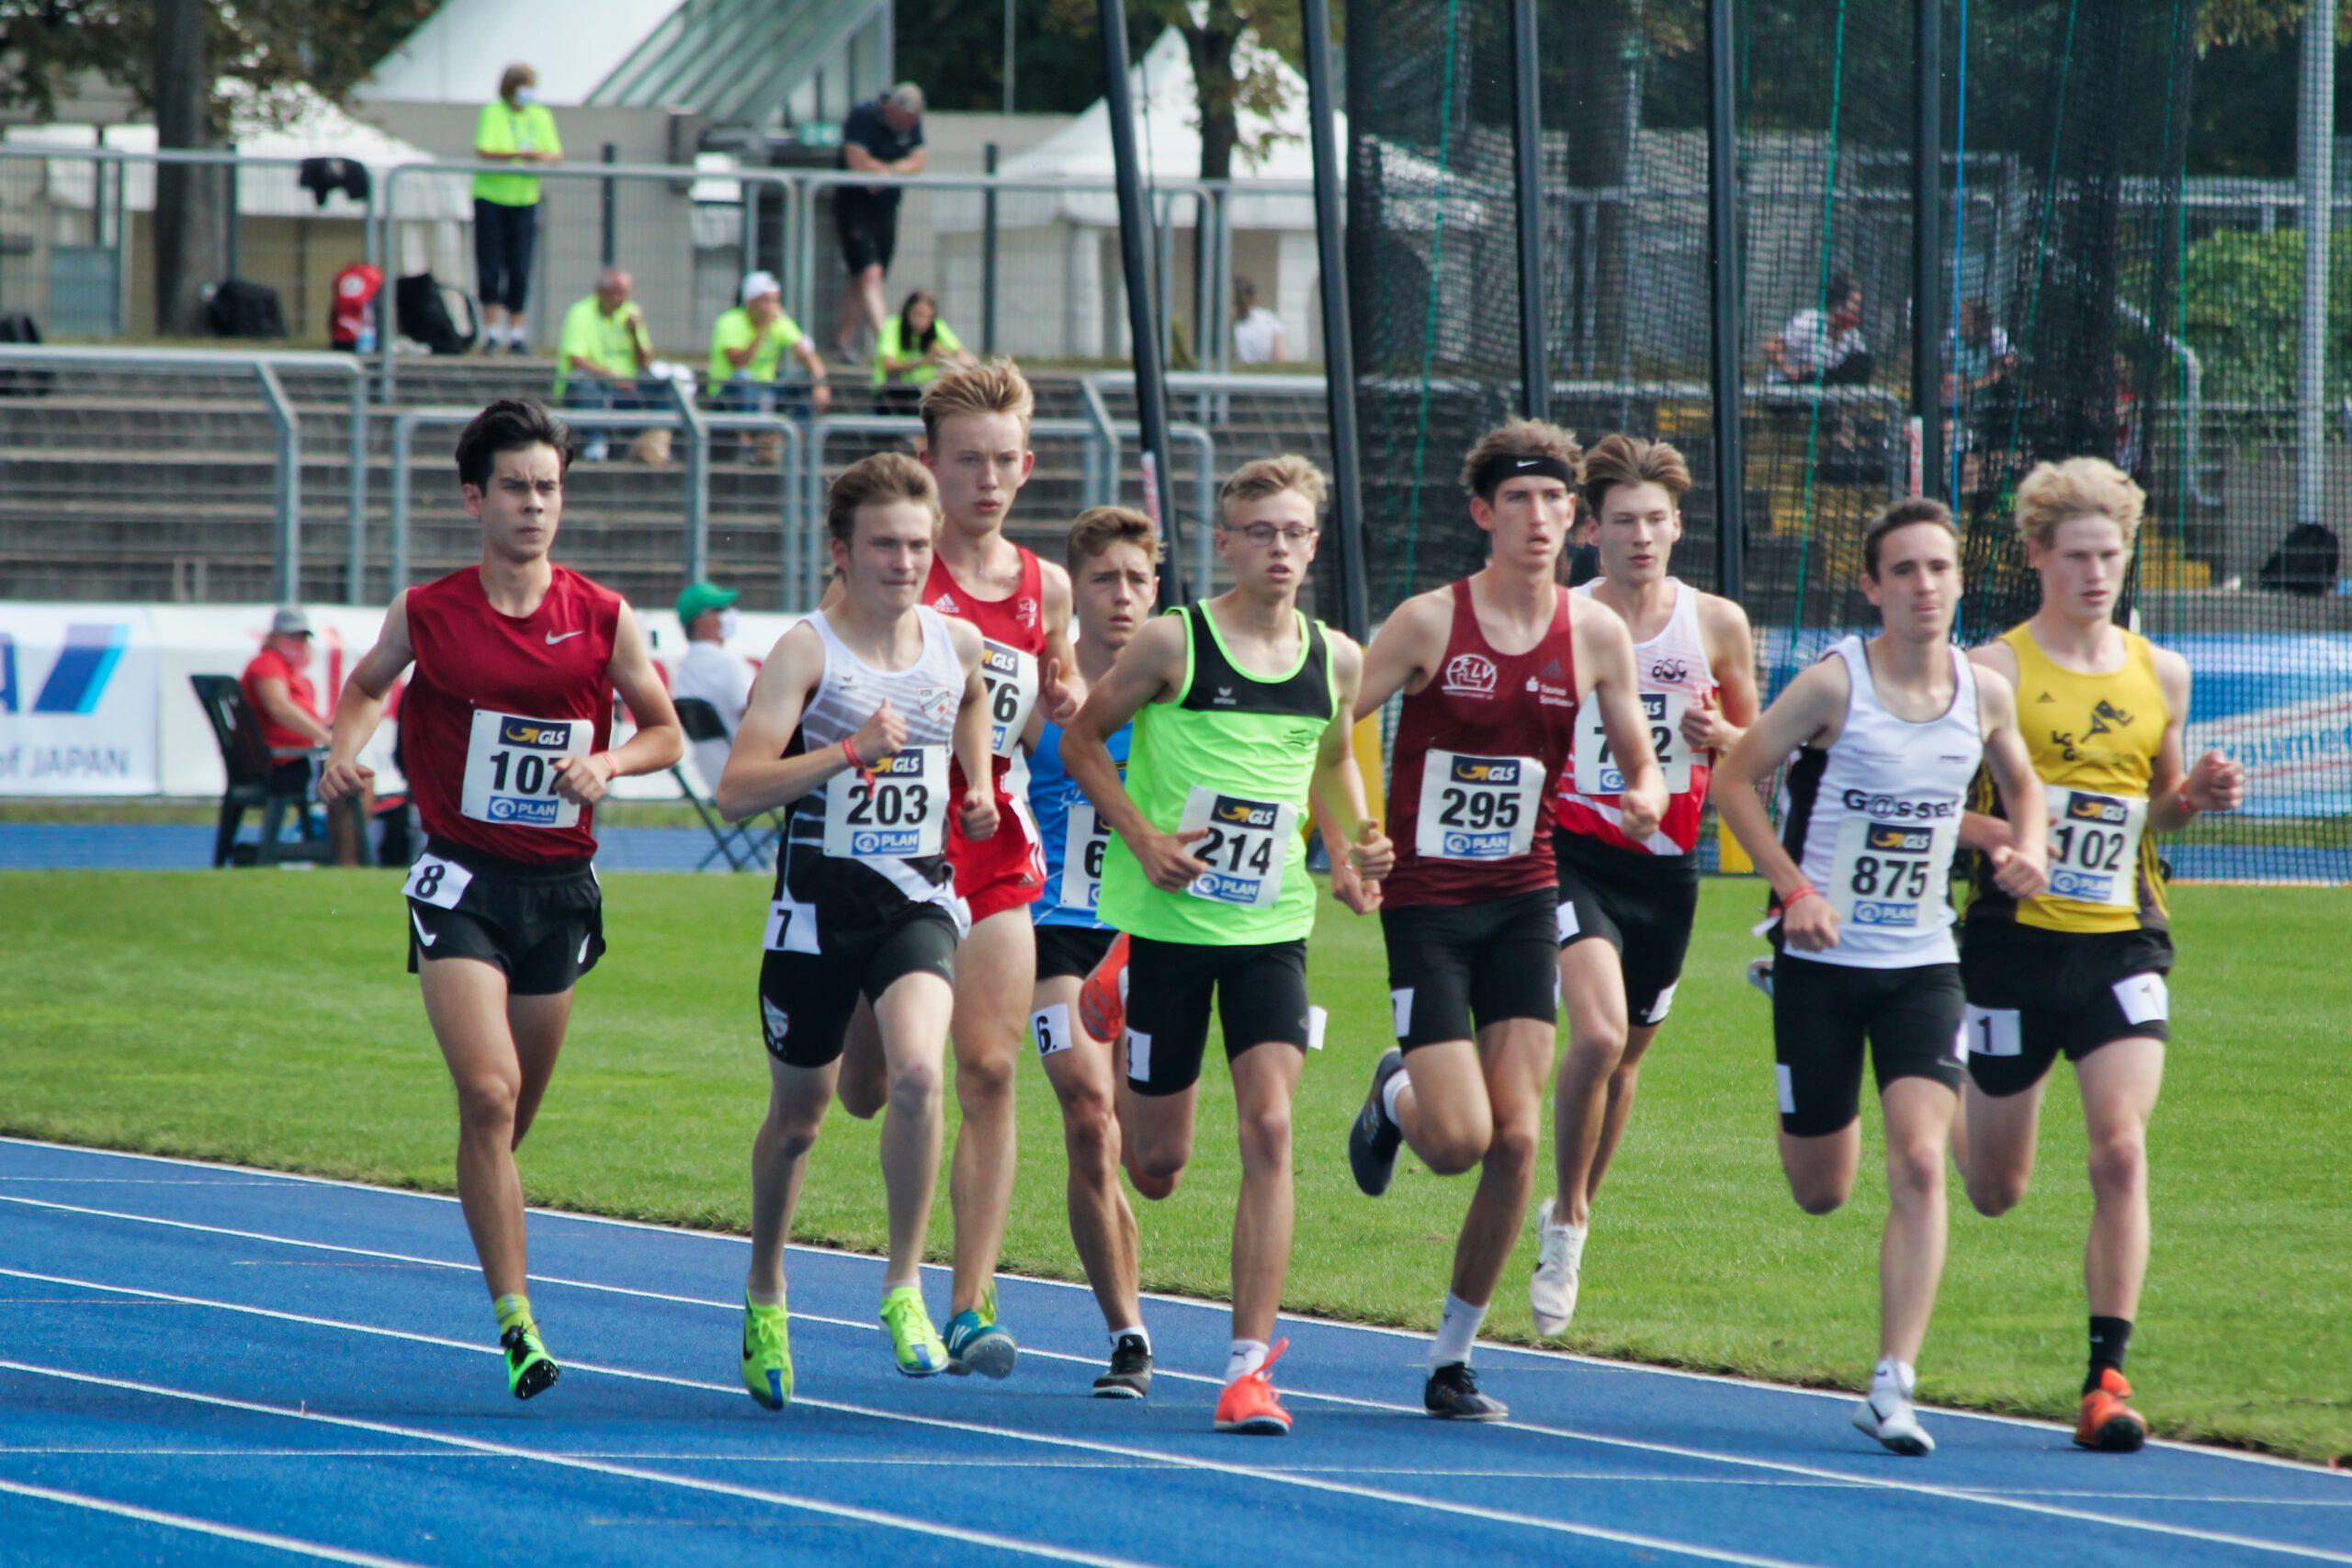 Lukas Gardeweg (Startnummer 214) bei den DM in Heilbronn über 1500m